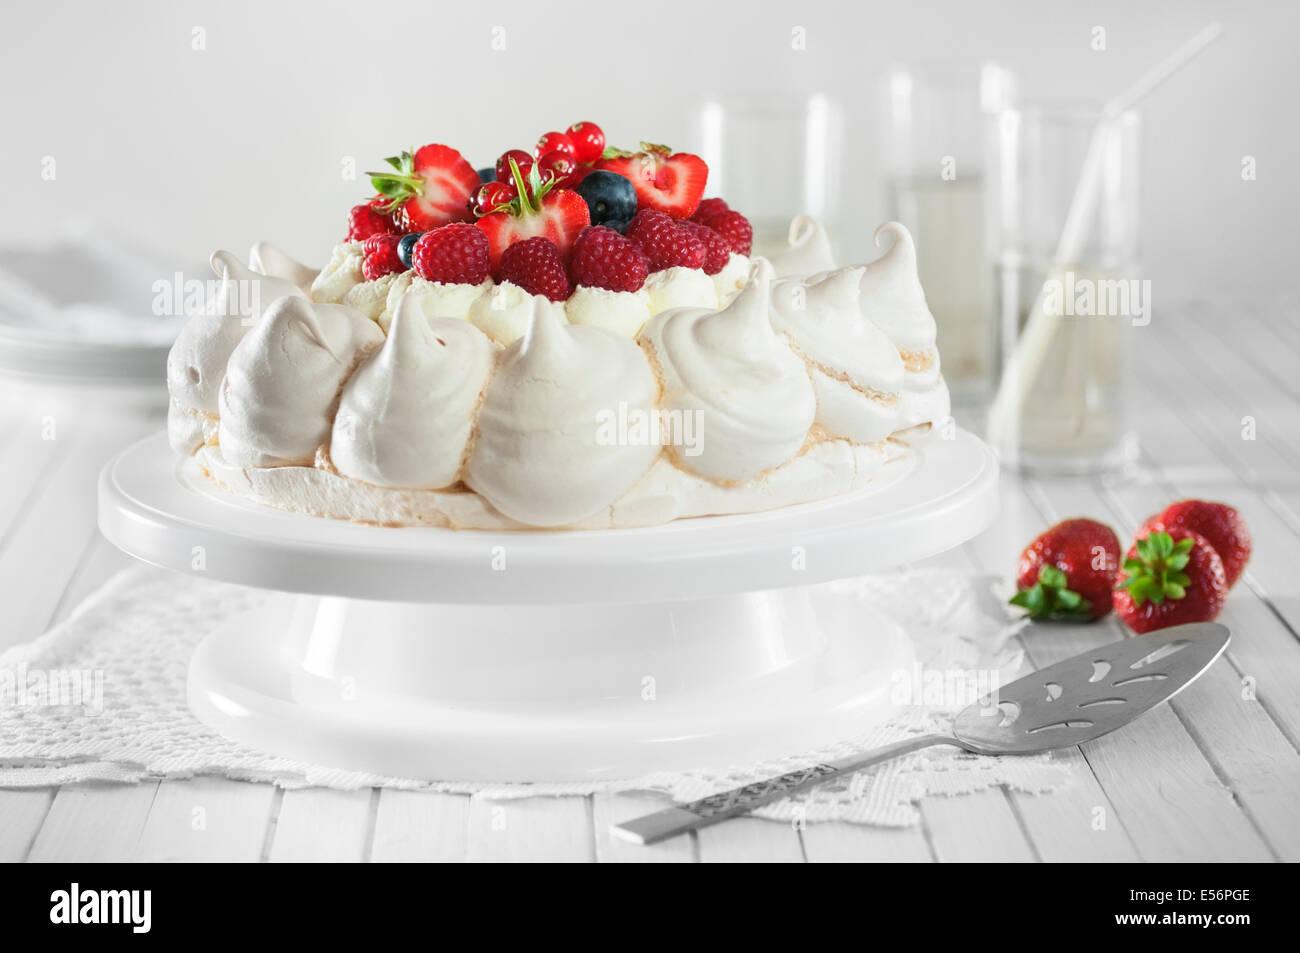 Frutti estivi pavlova. Meringa e la crema dessert Immagini Stock